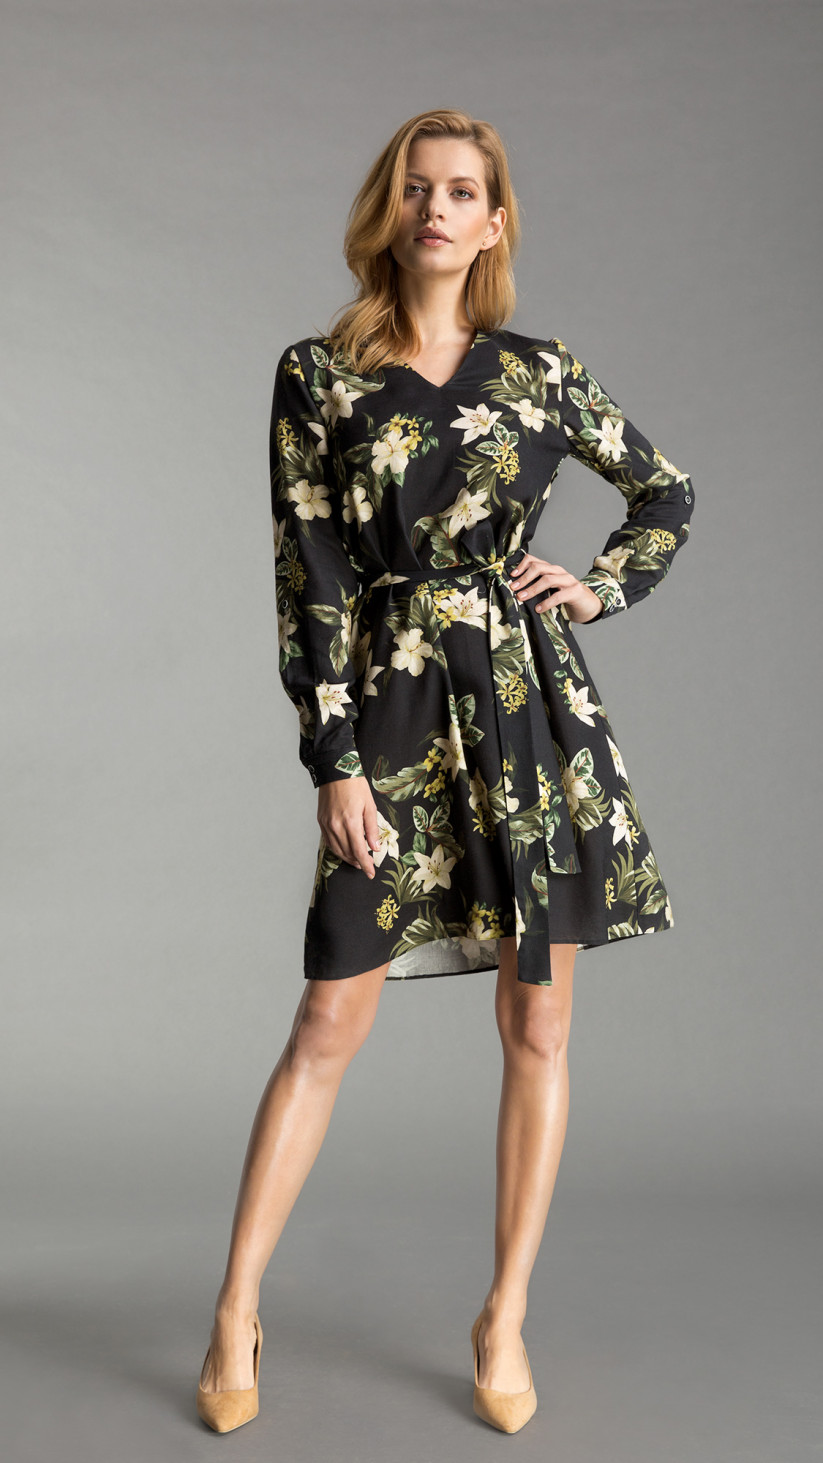 Sukienka Nicole | Kwiecista Czerń | Lekka lniana sukienka o kroju przedłużonej koszuli